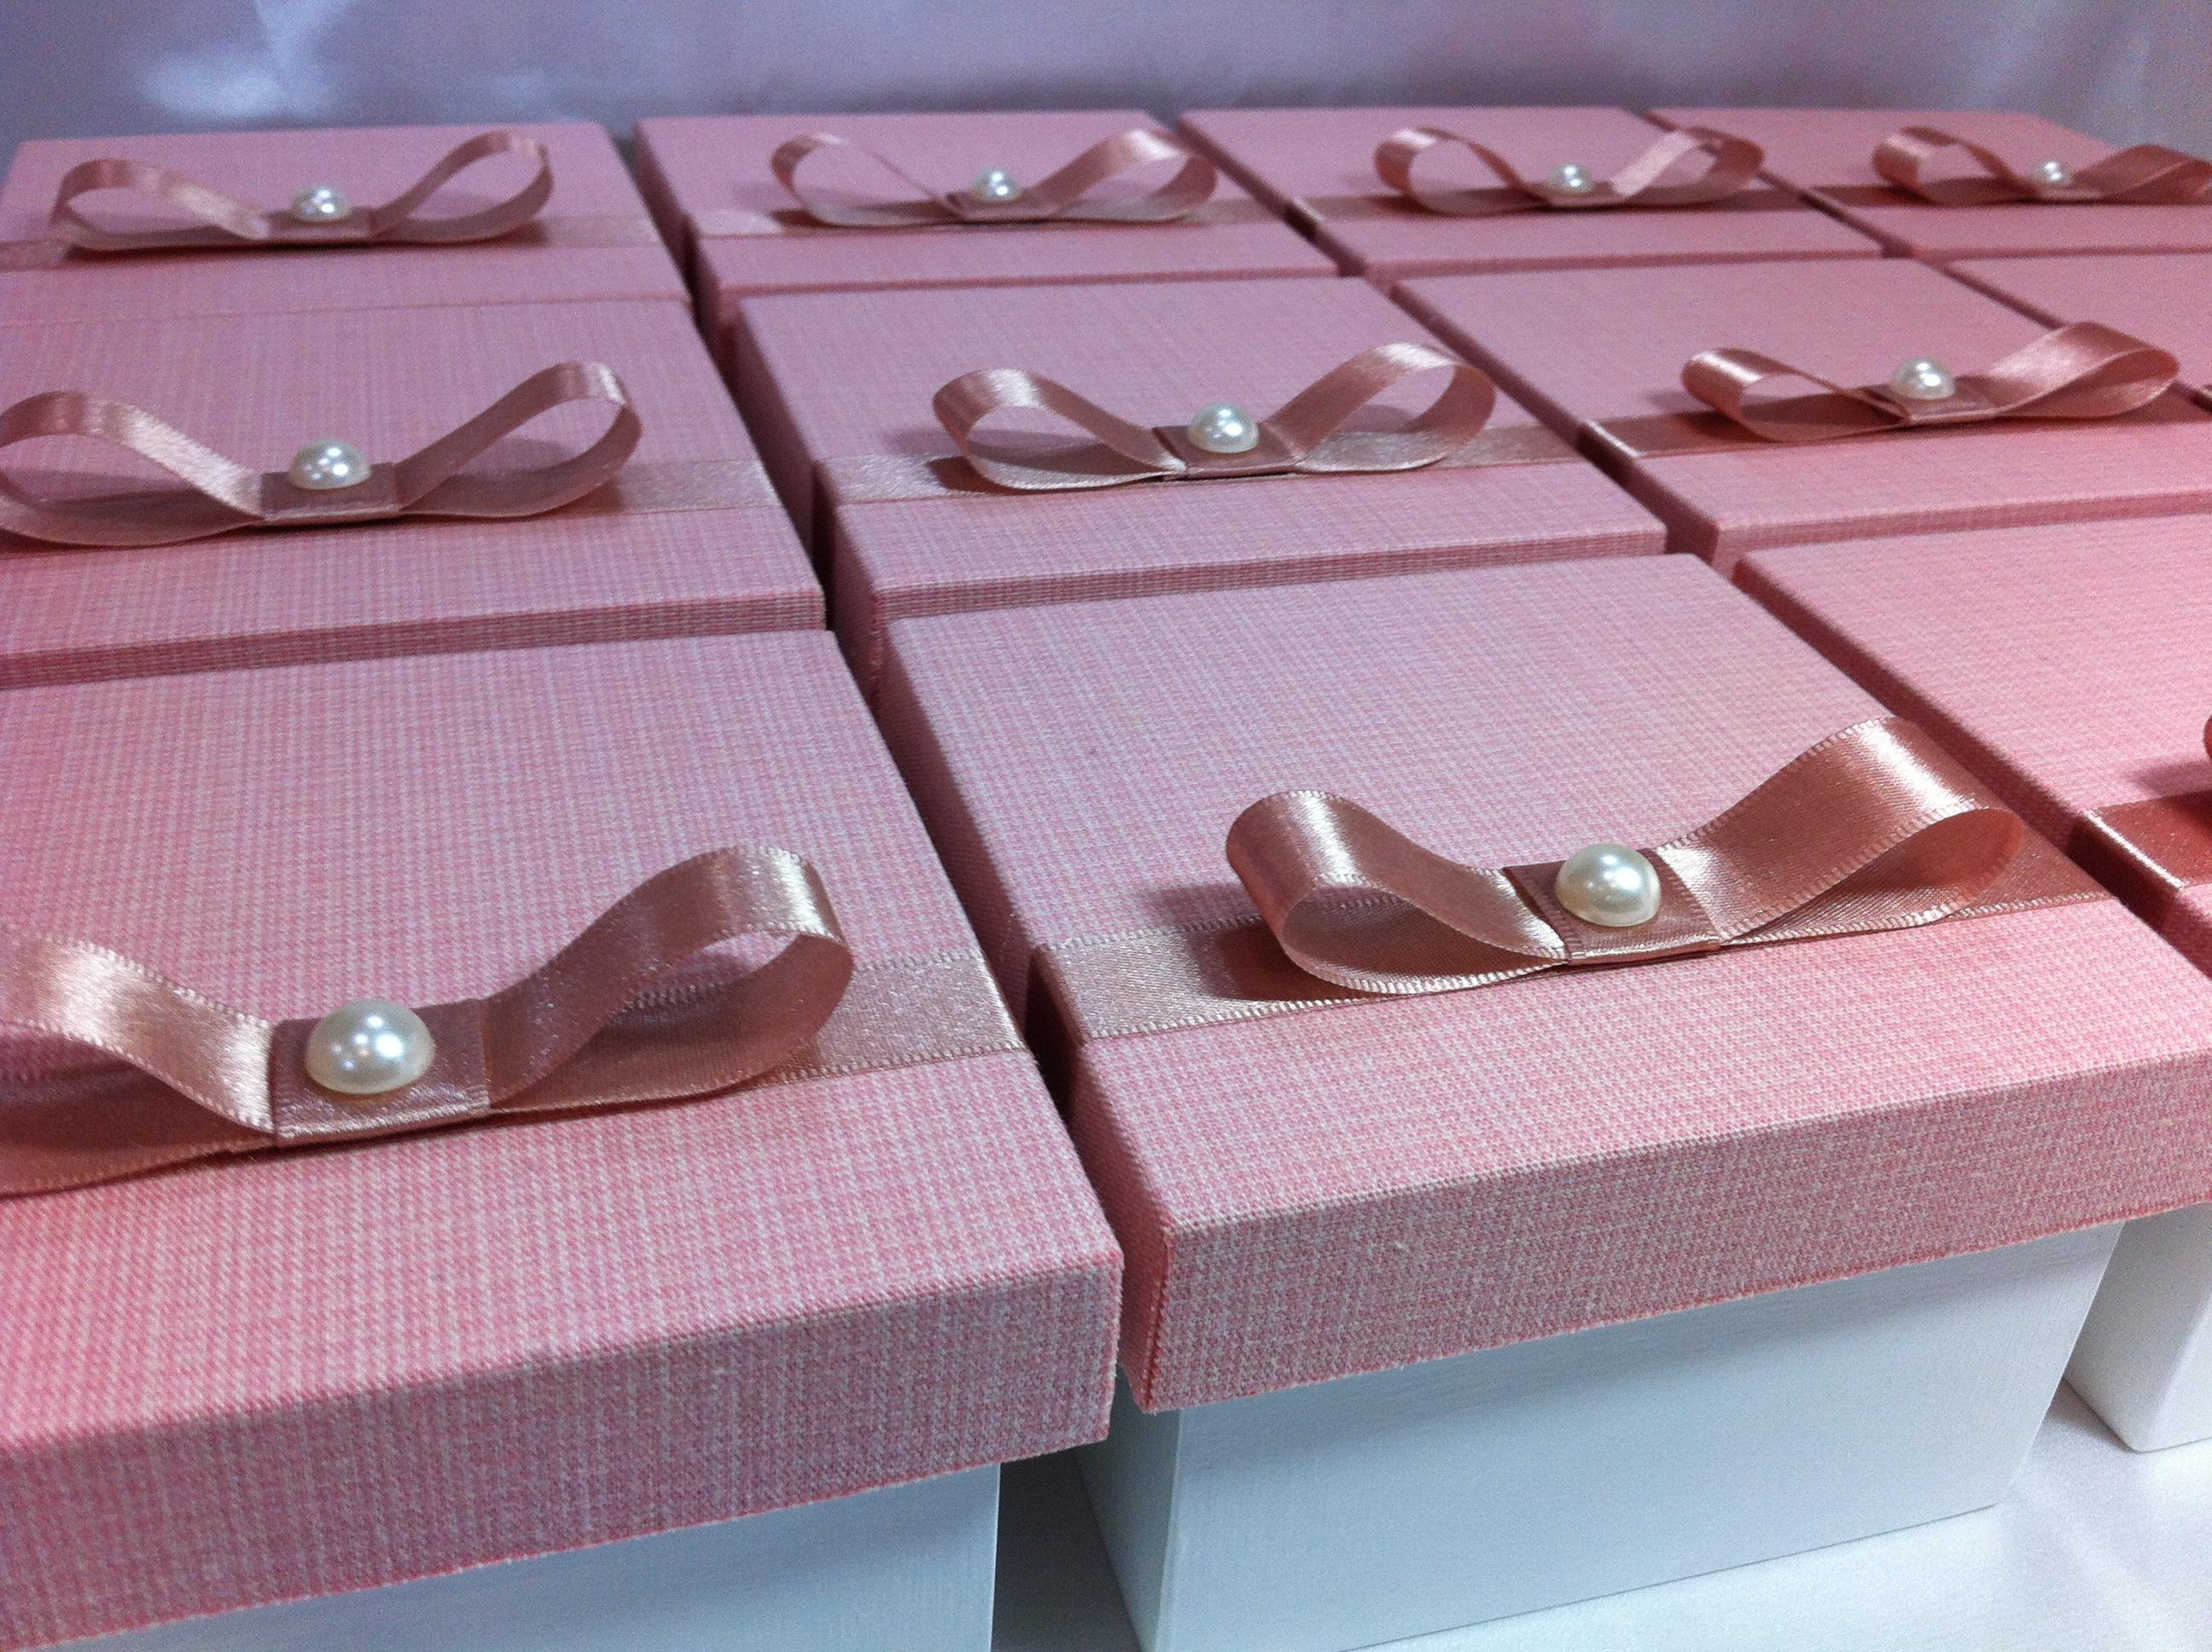 caixas decoradas luxo caixa revestida.jpg #446A88 2592x1936